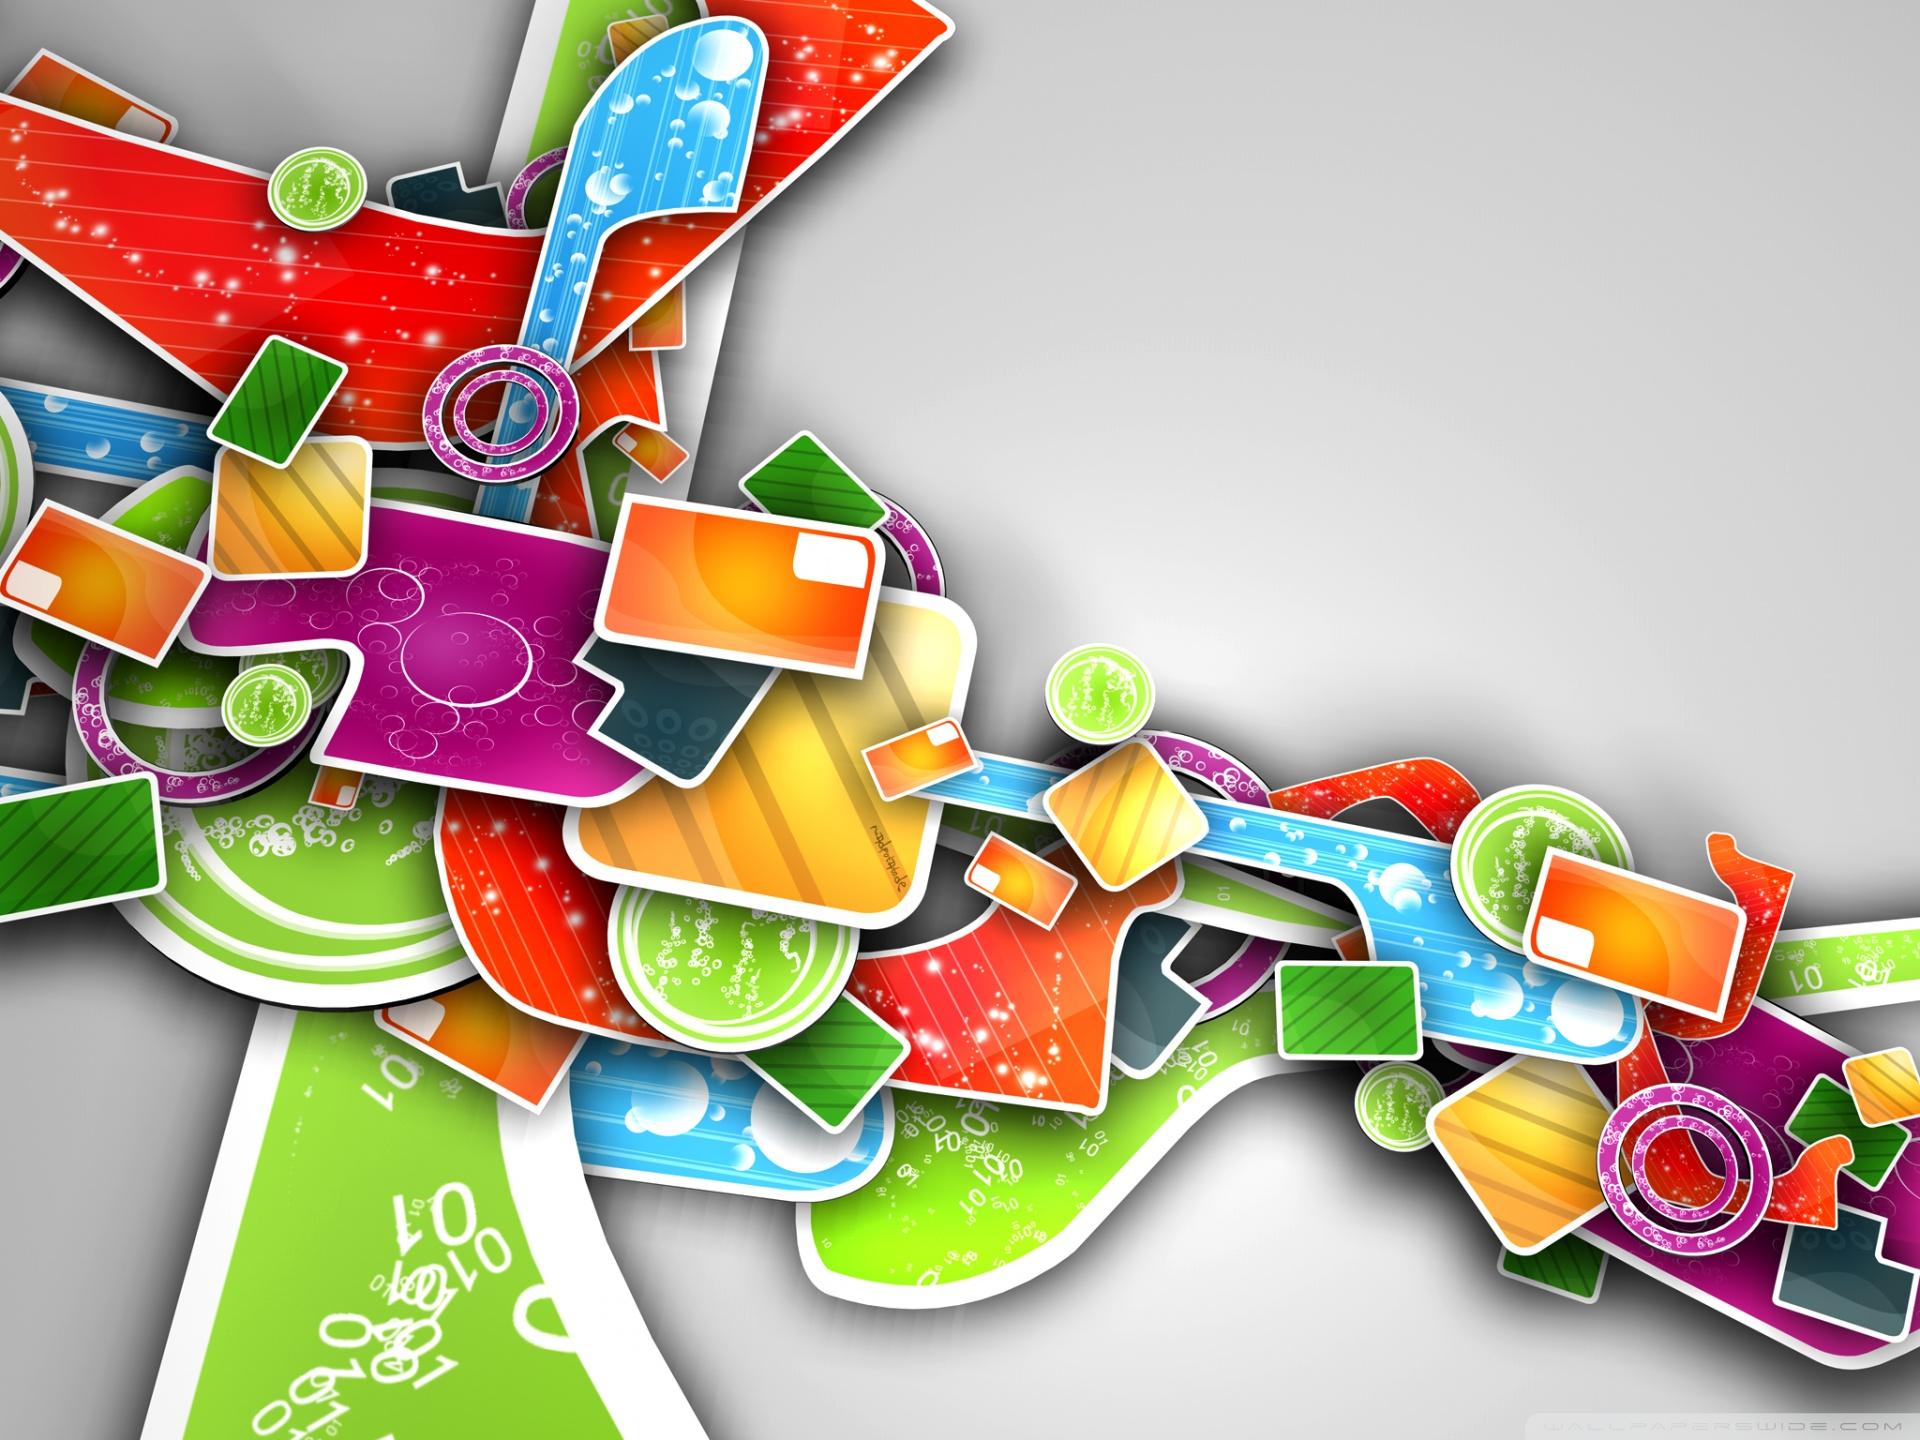 Colorful Abstract 3D Art HD desktop wallpaper : Widescreen : High